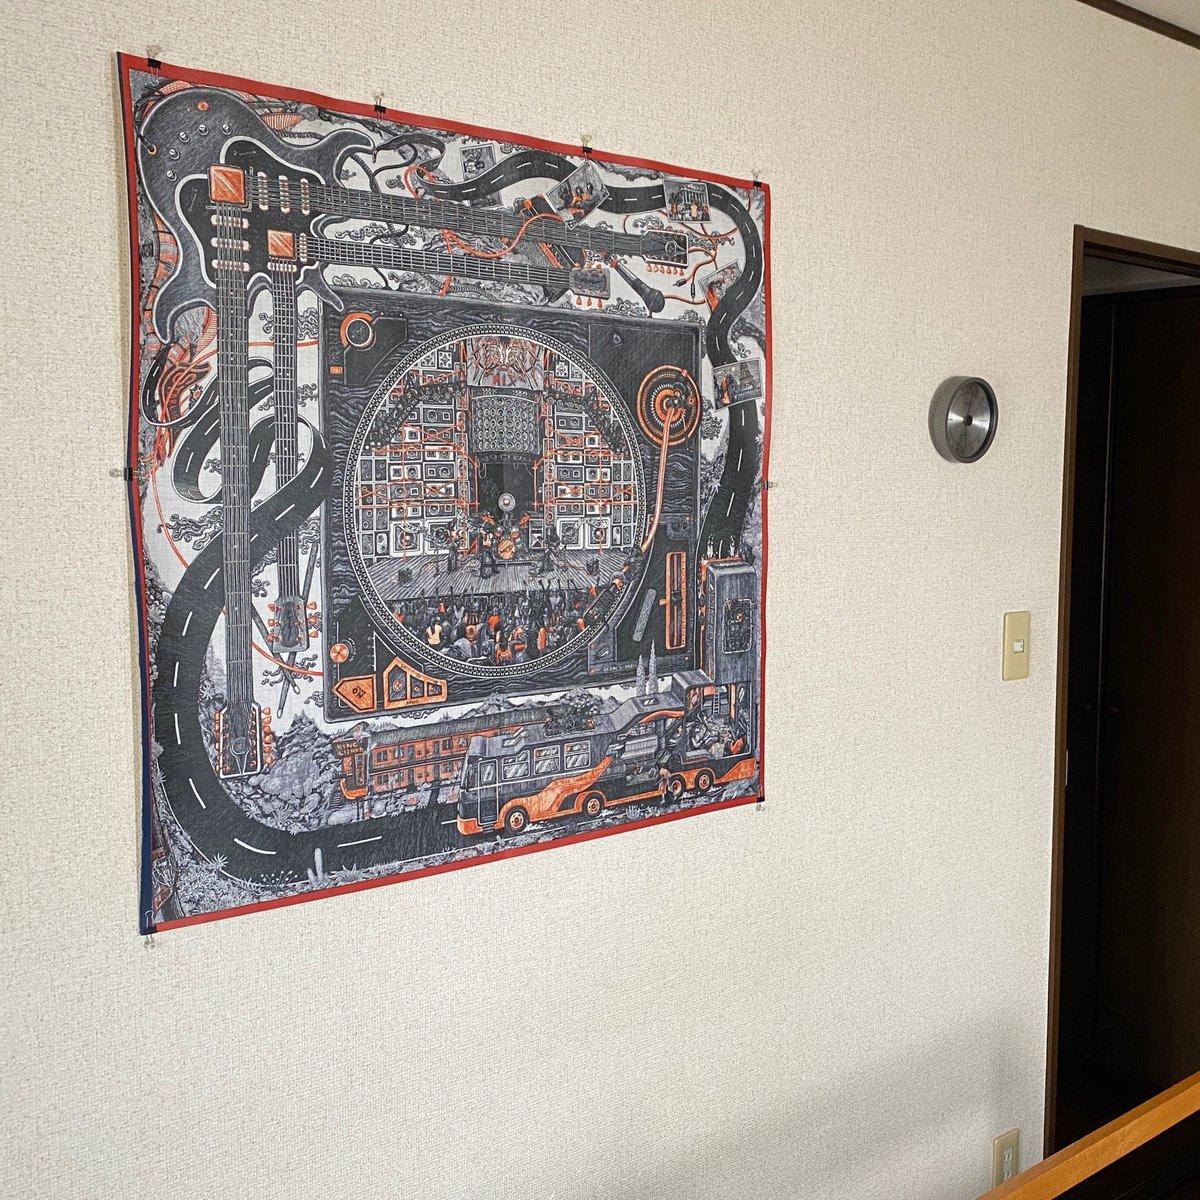 昨年末のカレ・クラブで貰って帰ってきたエリアスの図案シートを寝室の壁に貼ってみた。ナイス!   #テキスタイル #デザインpic.twitter.com/v3MEgHBs6t